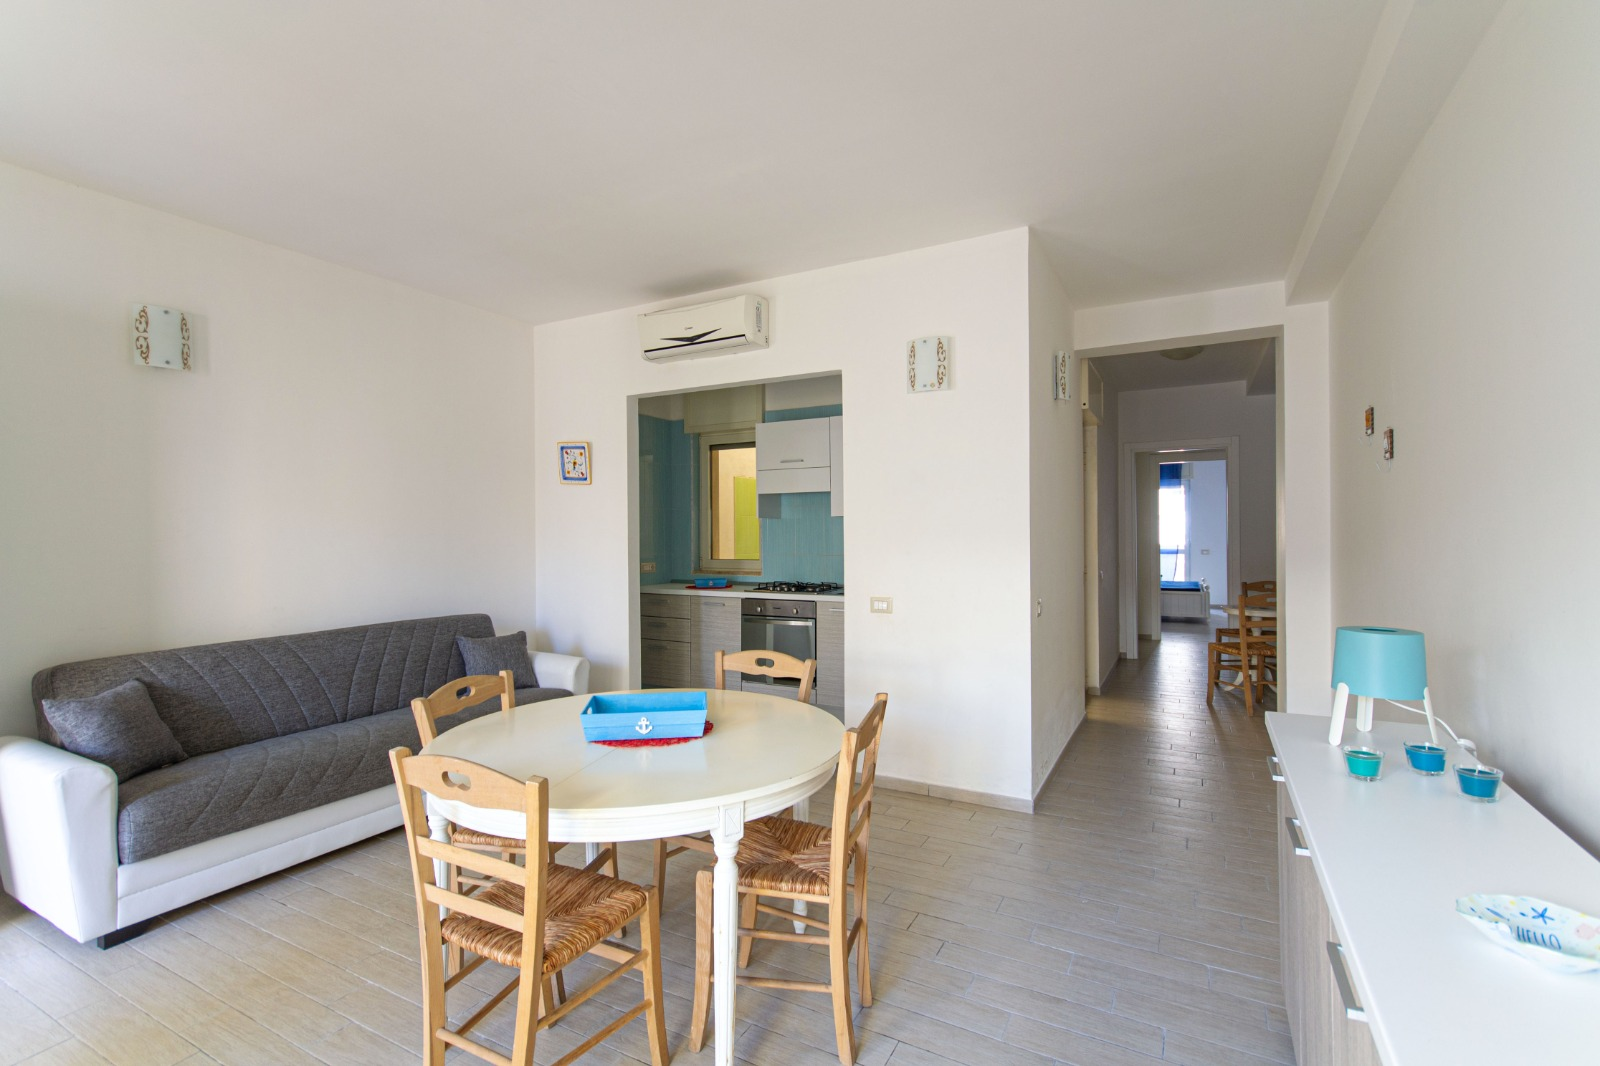 505_appartamento-volta_5._soggiorno.jpg